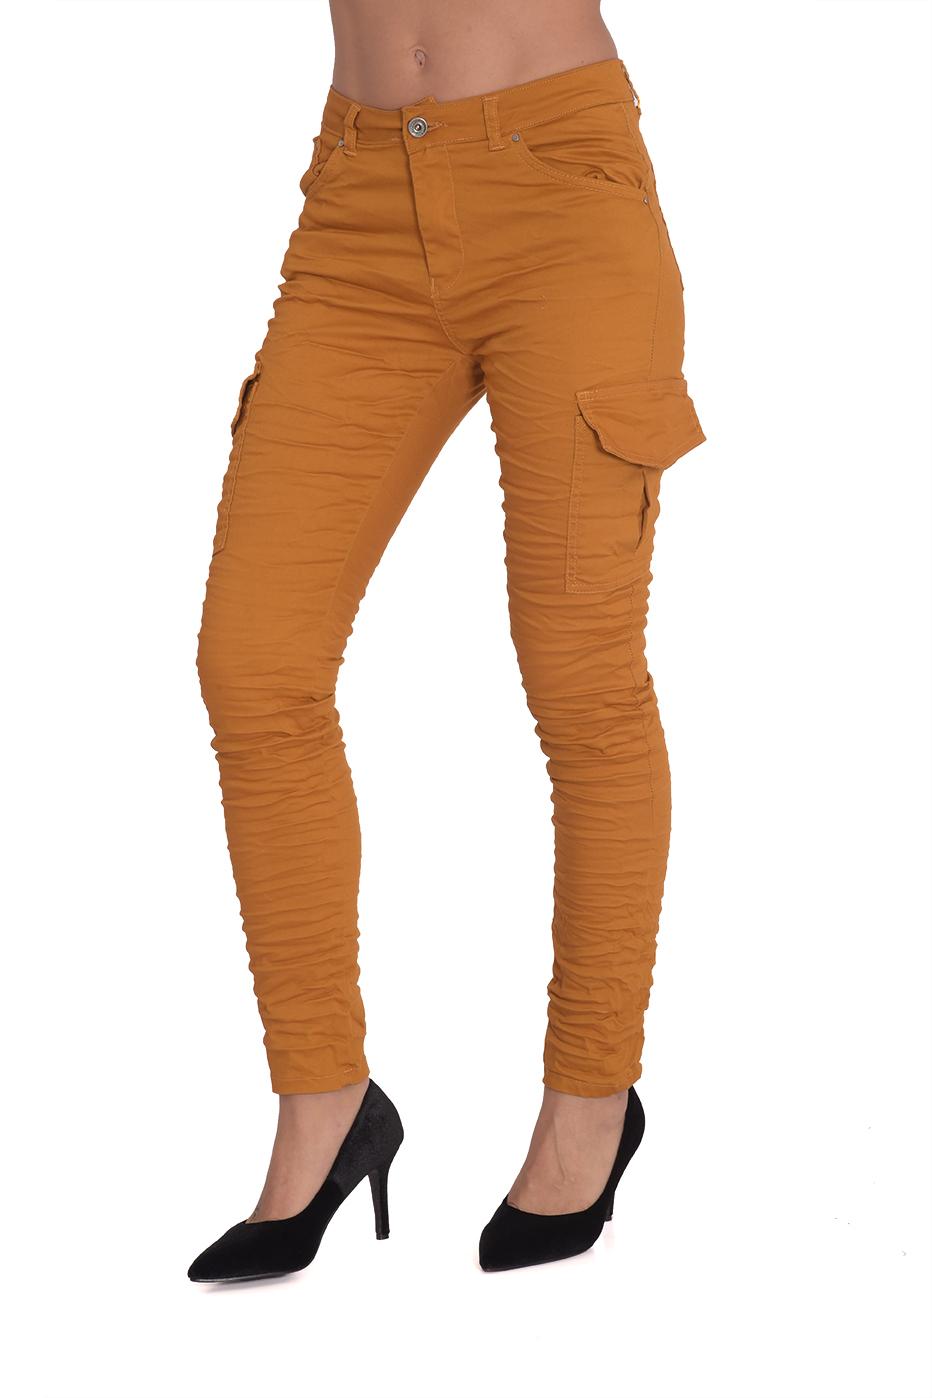 מכנס סולדי חרדל